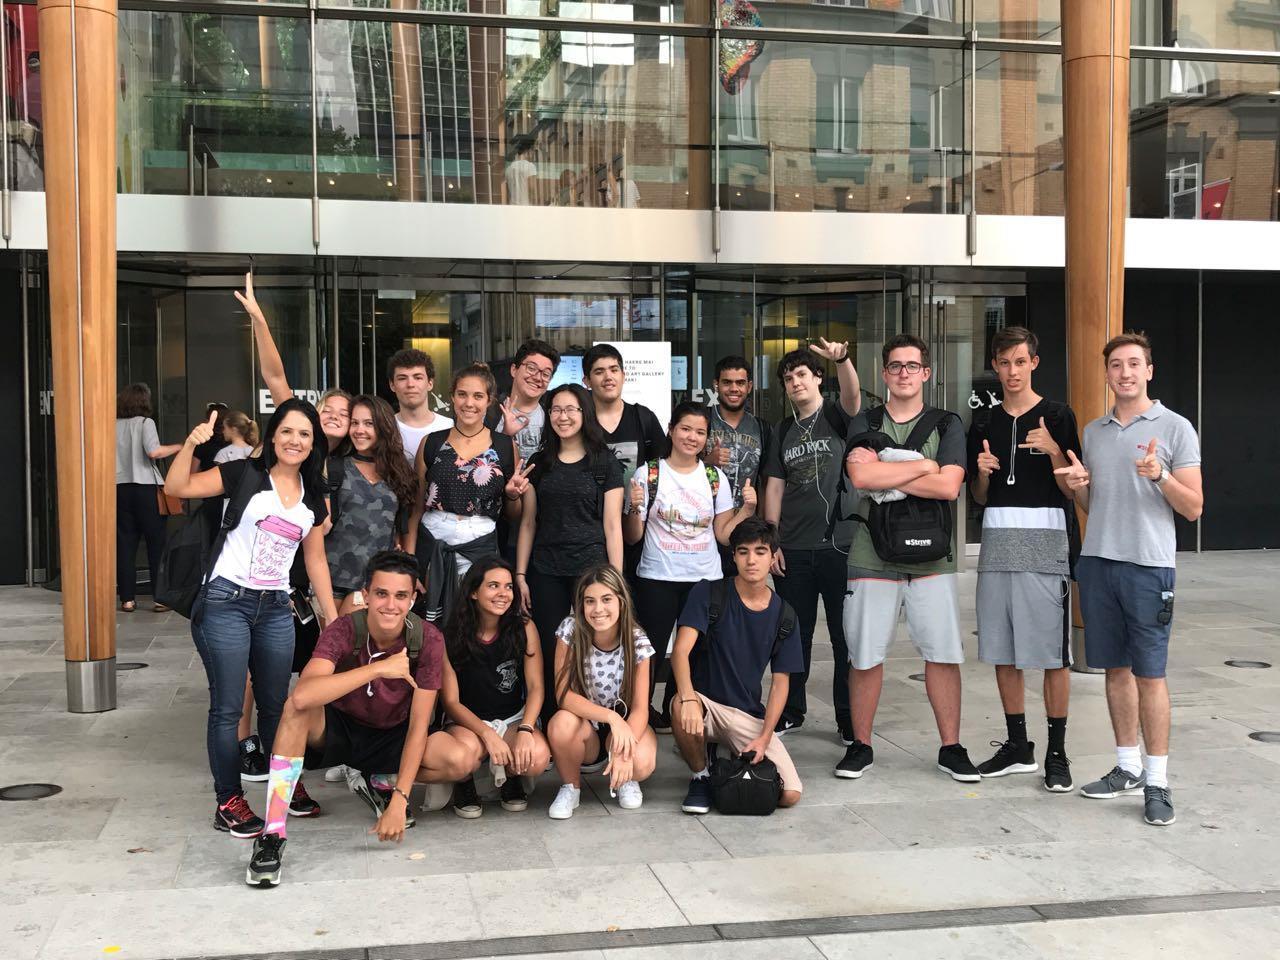 Na Oceania: alunos da IENH vivenciam Intercâmbio de aventuras e conhecimento